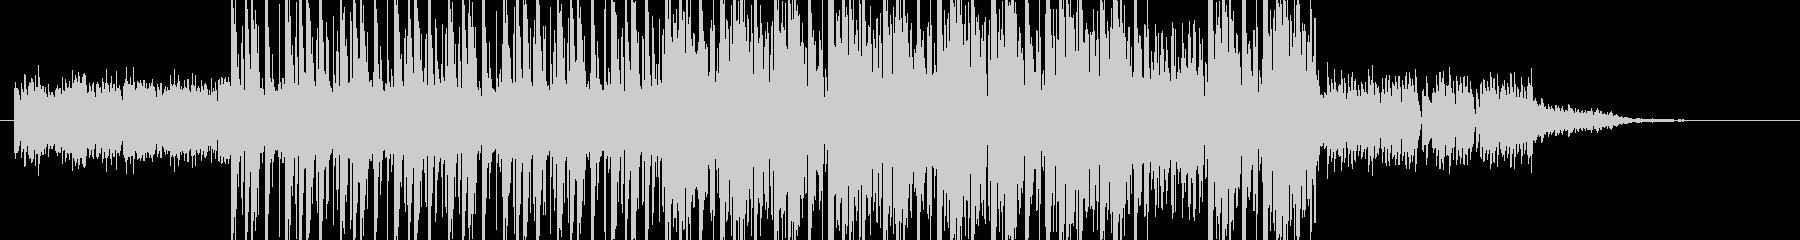 ピアノによる緊迫したイメージのジングルの未再生の波形